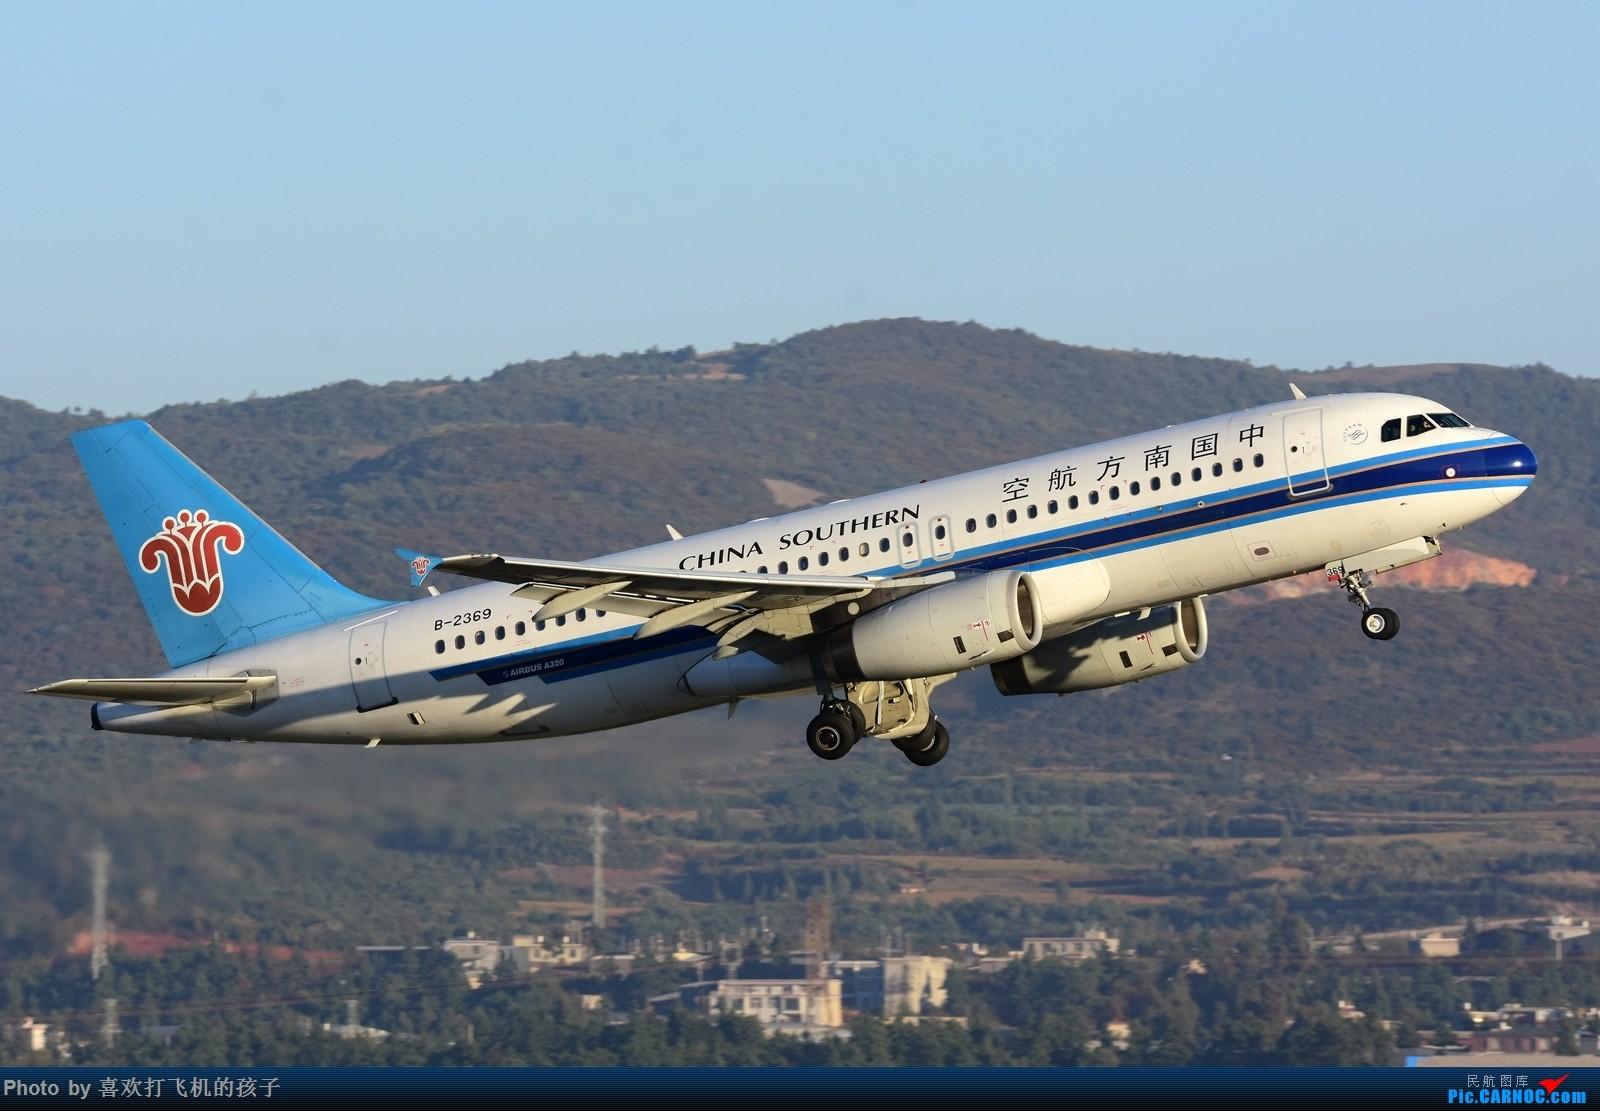 Re:[原创]【机机的飞飞】双十一和基友去KMG打机 AIRBUS A320-200 B-2369 中国昆明长水国际机场